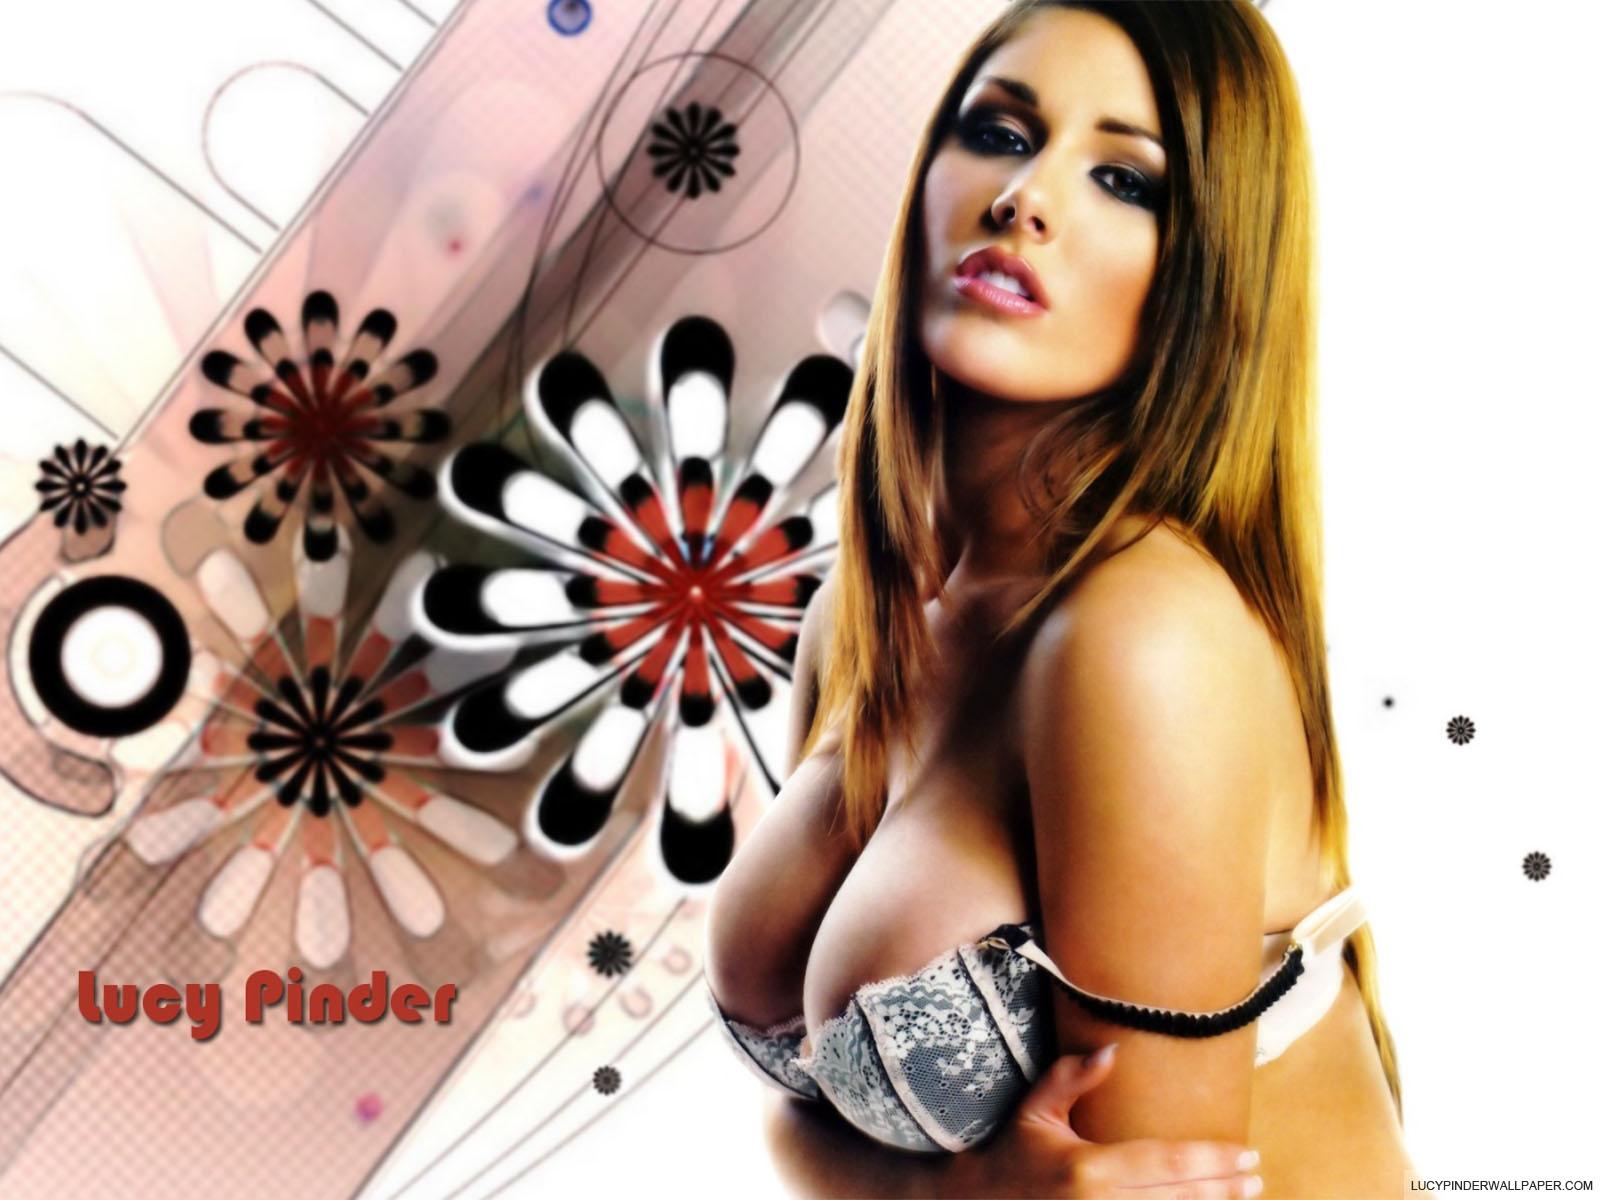 Mujeres Hermosas: Los mas bellos senos naturales de Gran